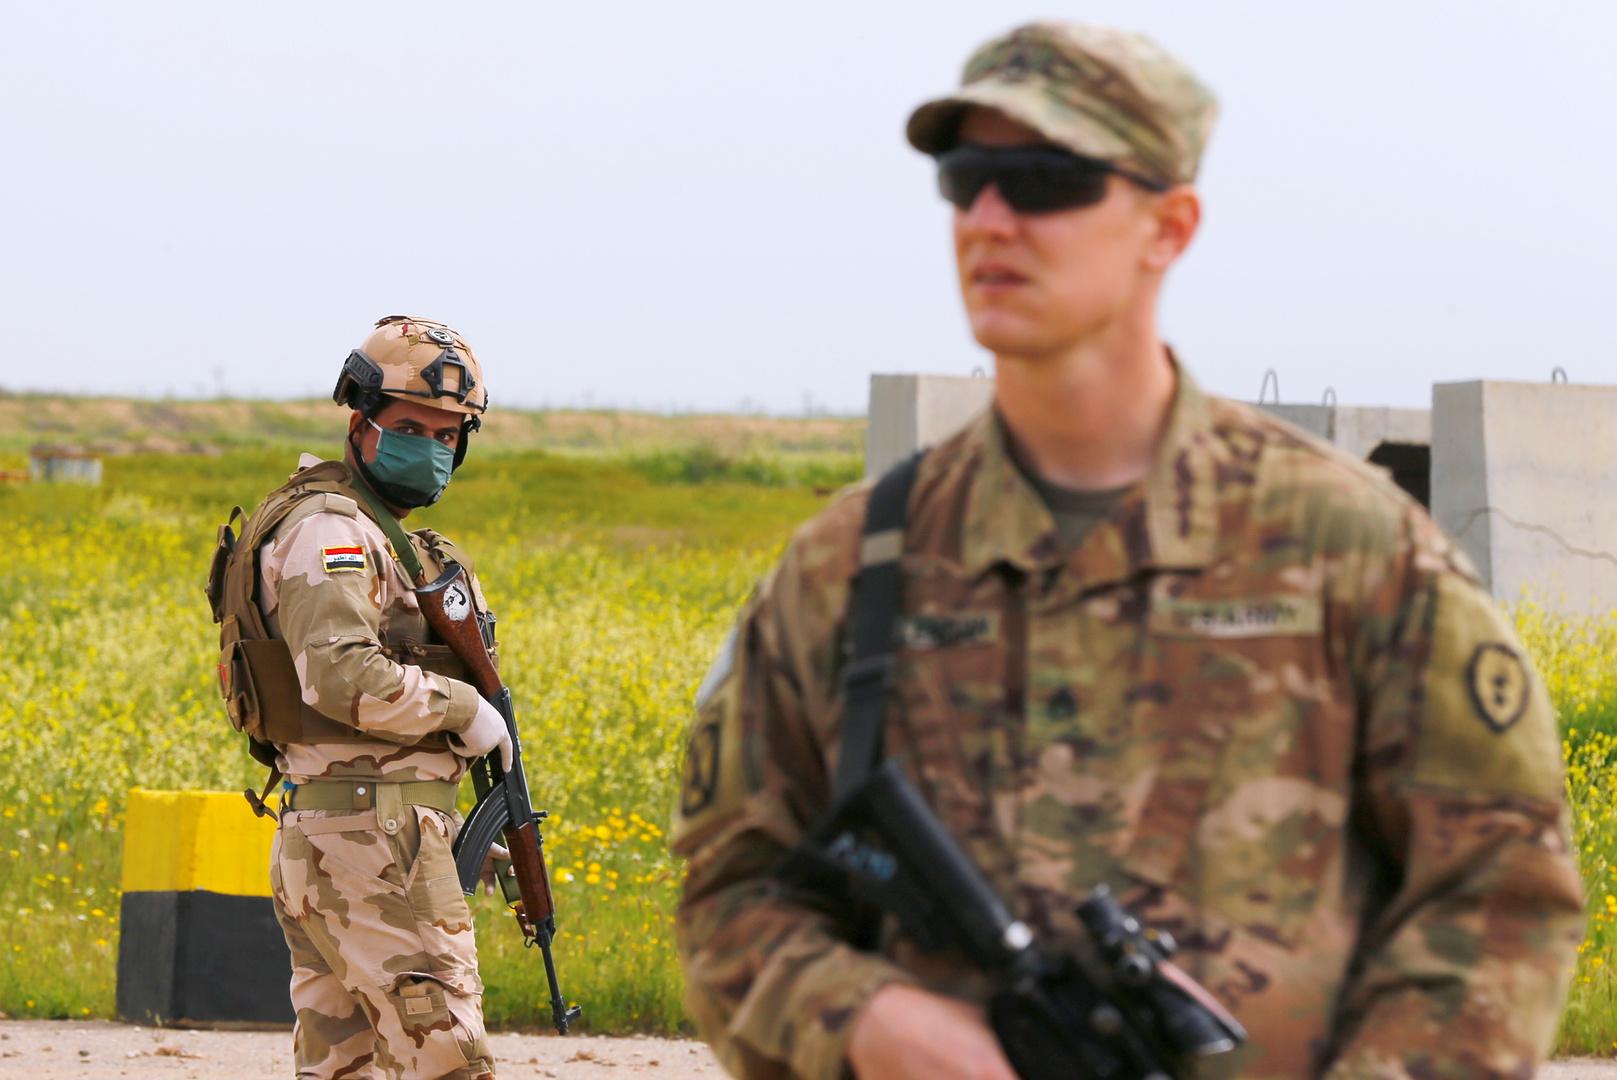 مسؤولون أمريكيون: الهجوم الصاروخي الأخير في العراق يحمل بصمات فصيل مدعوم من إيران